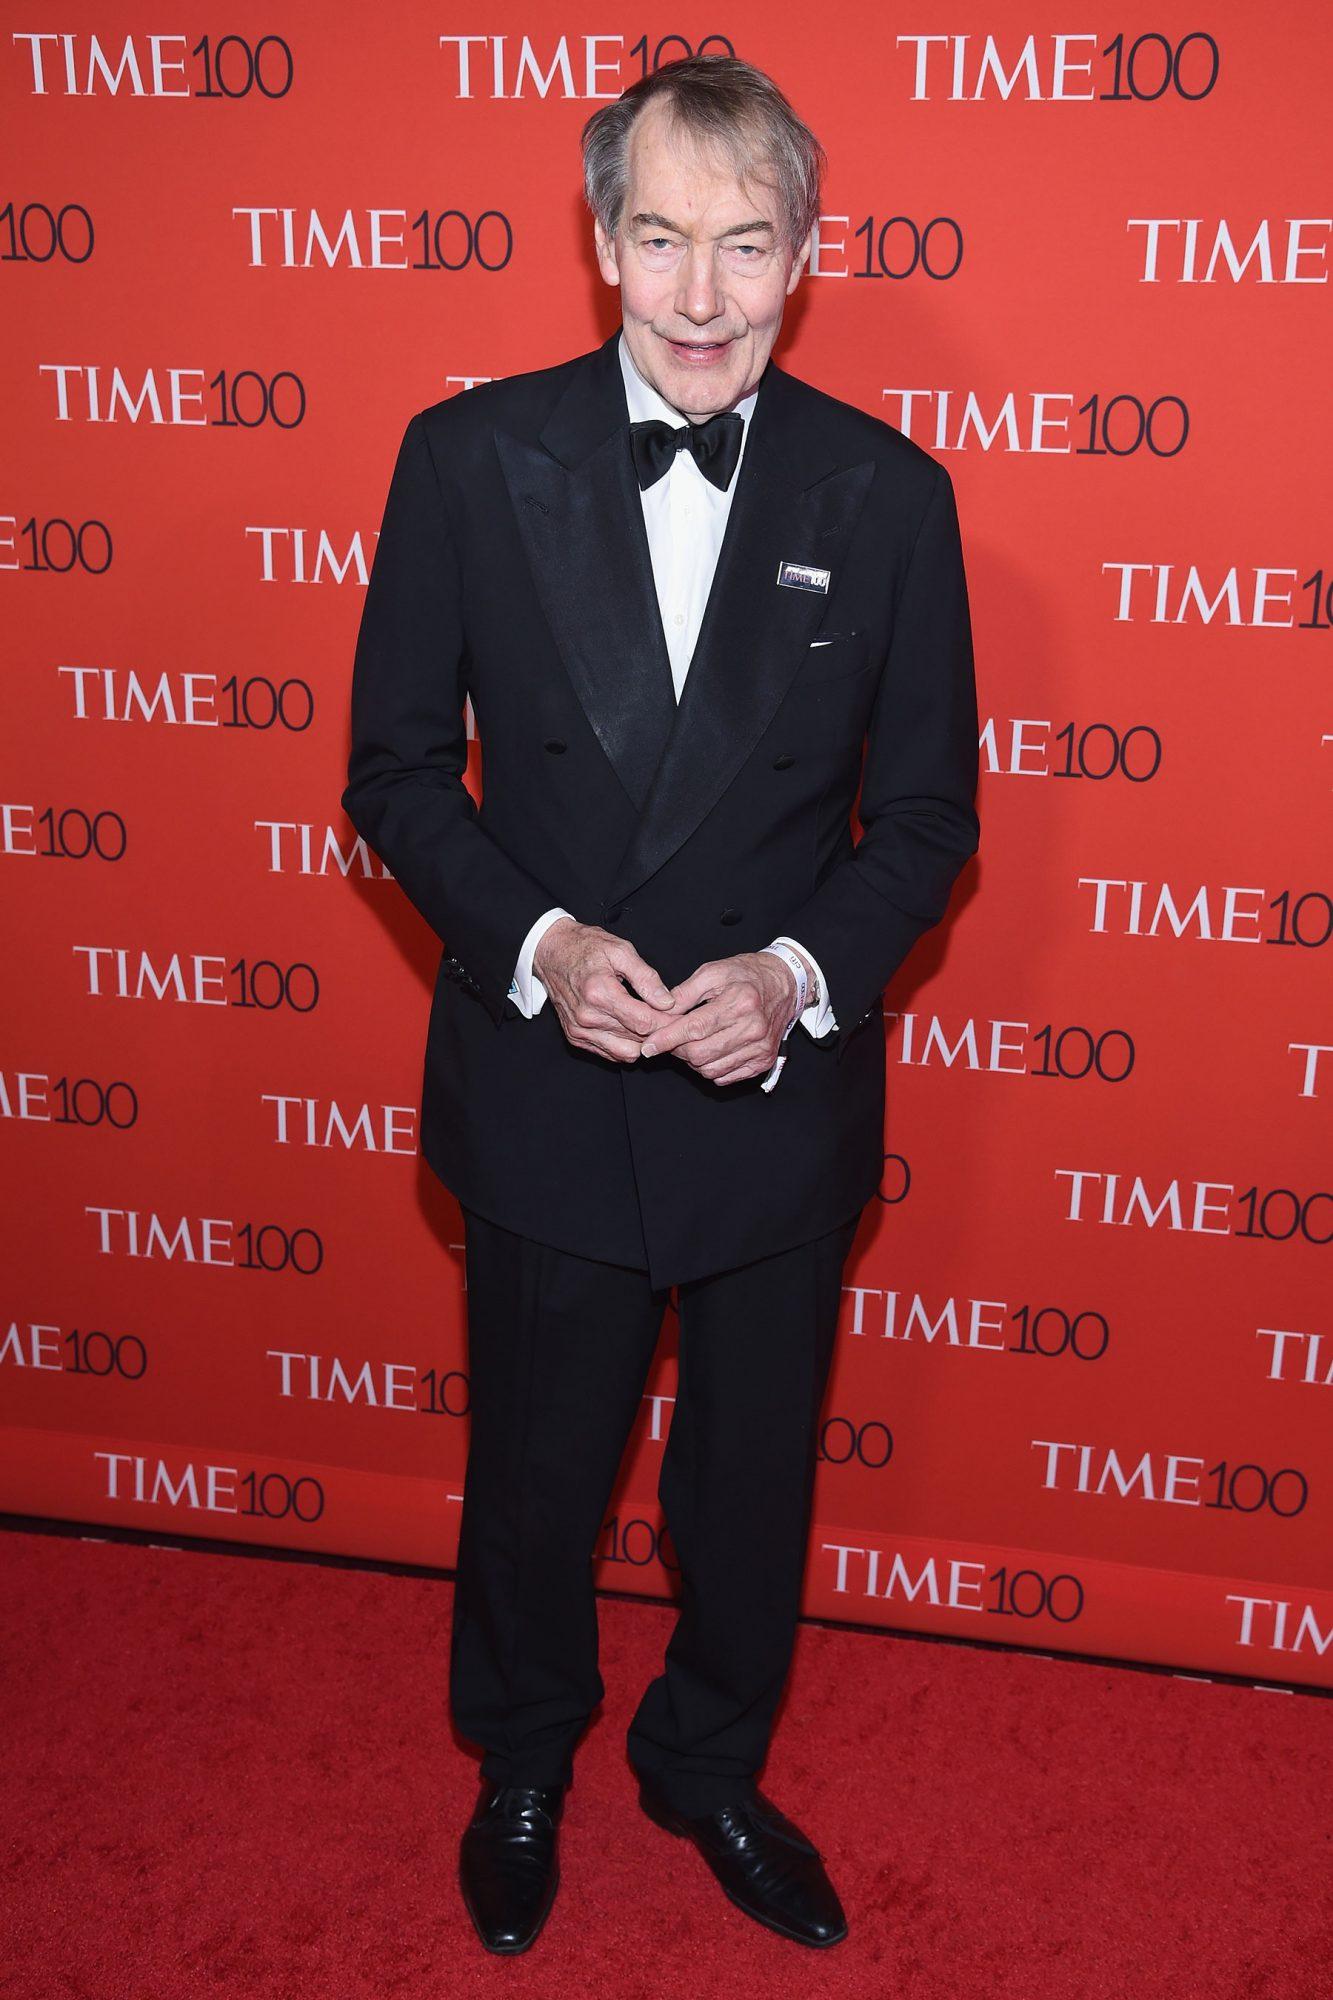 2017 Time 100 Gala - Red Carpet